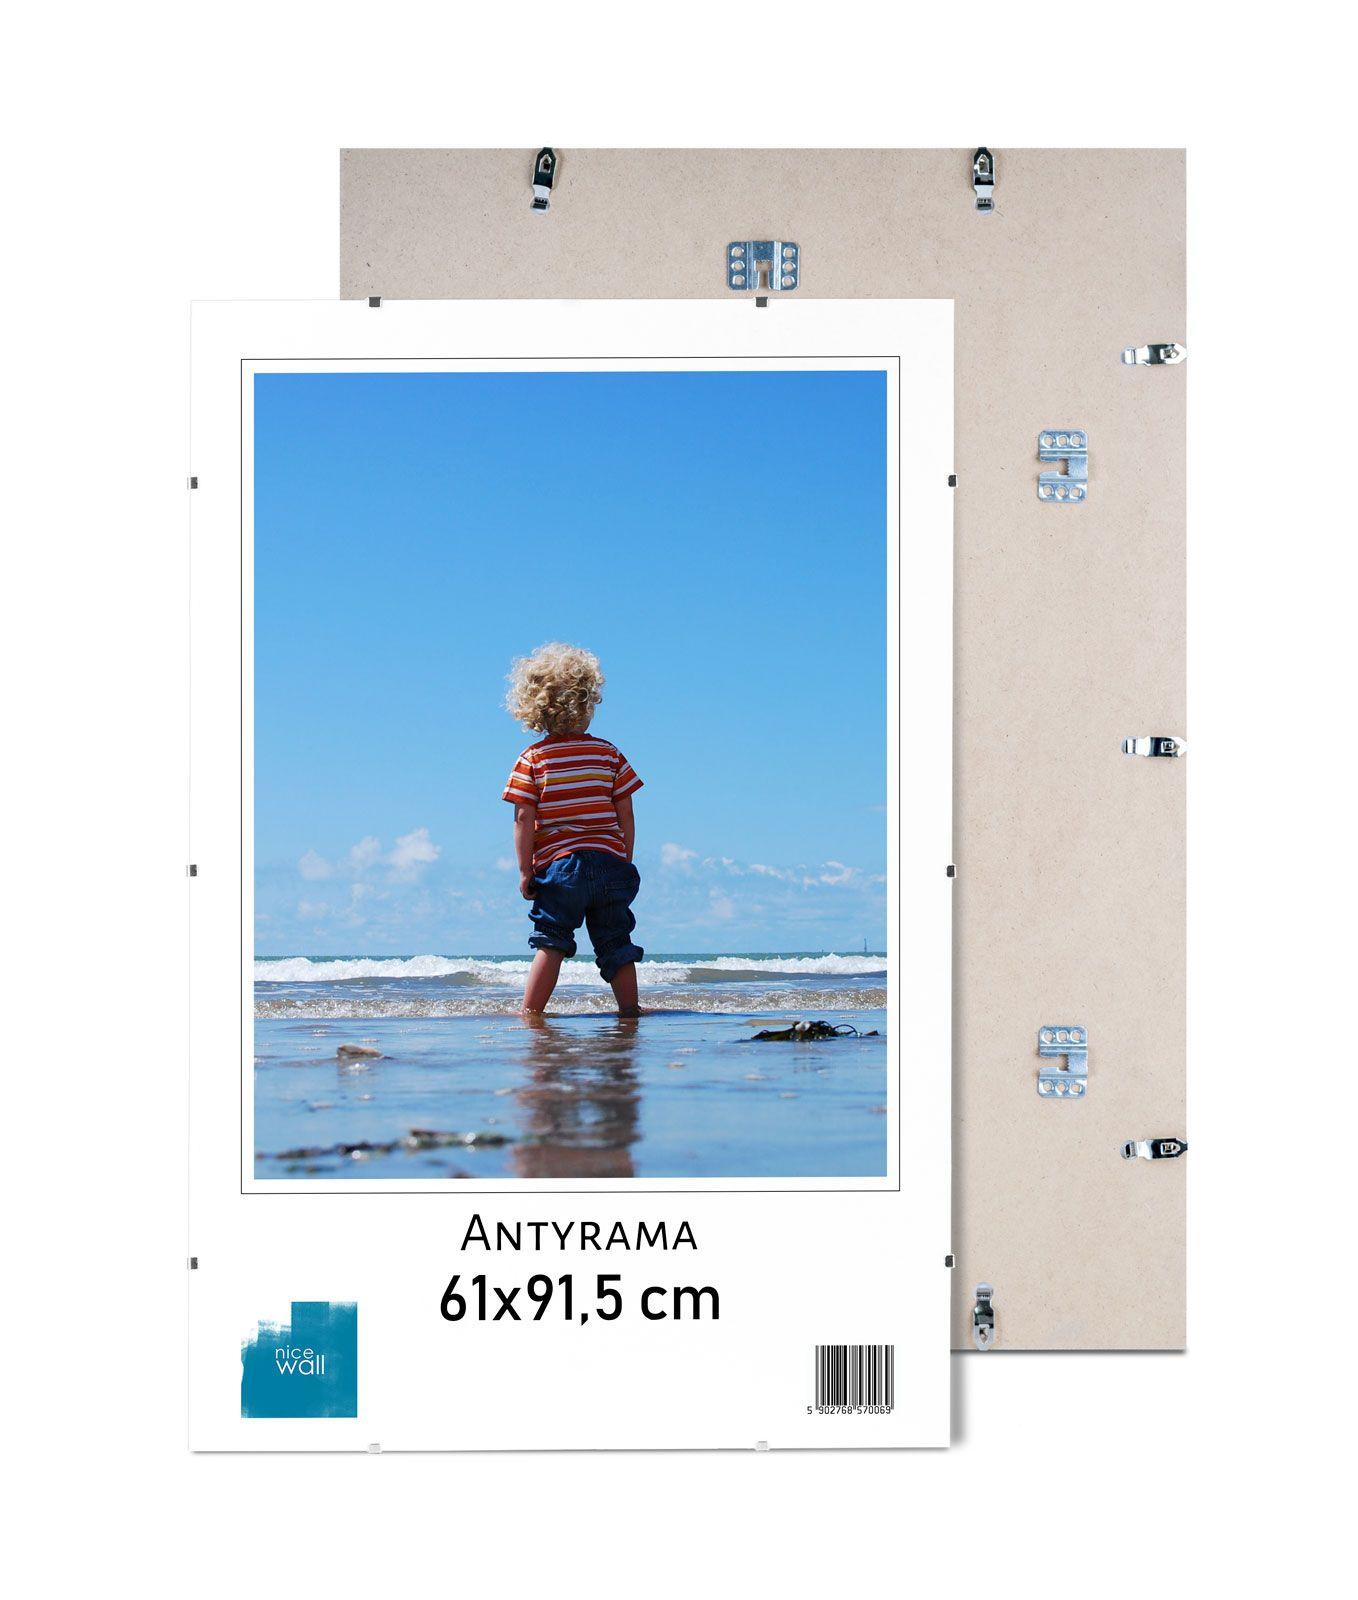 Antirama 91,5x61 cm Antirami 61x91,5 cm pre plagát